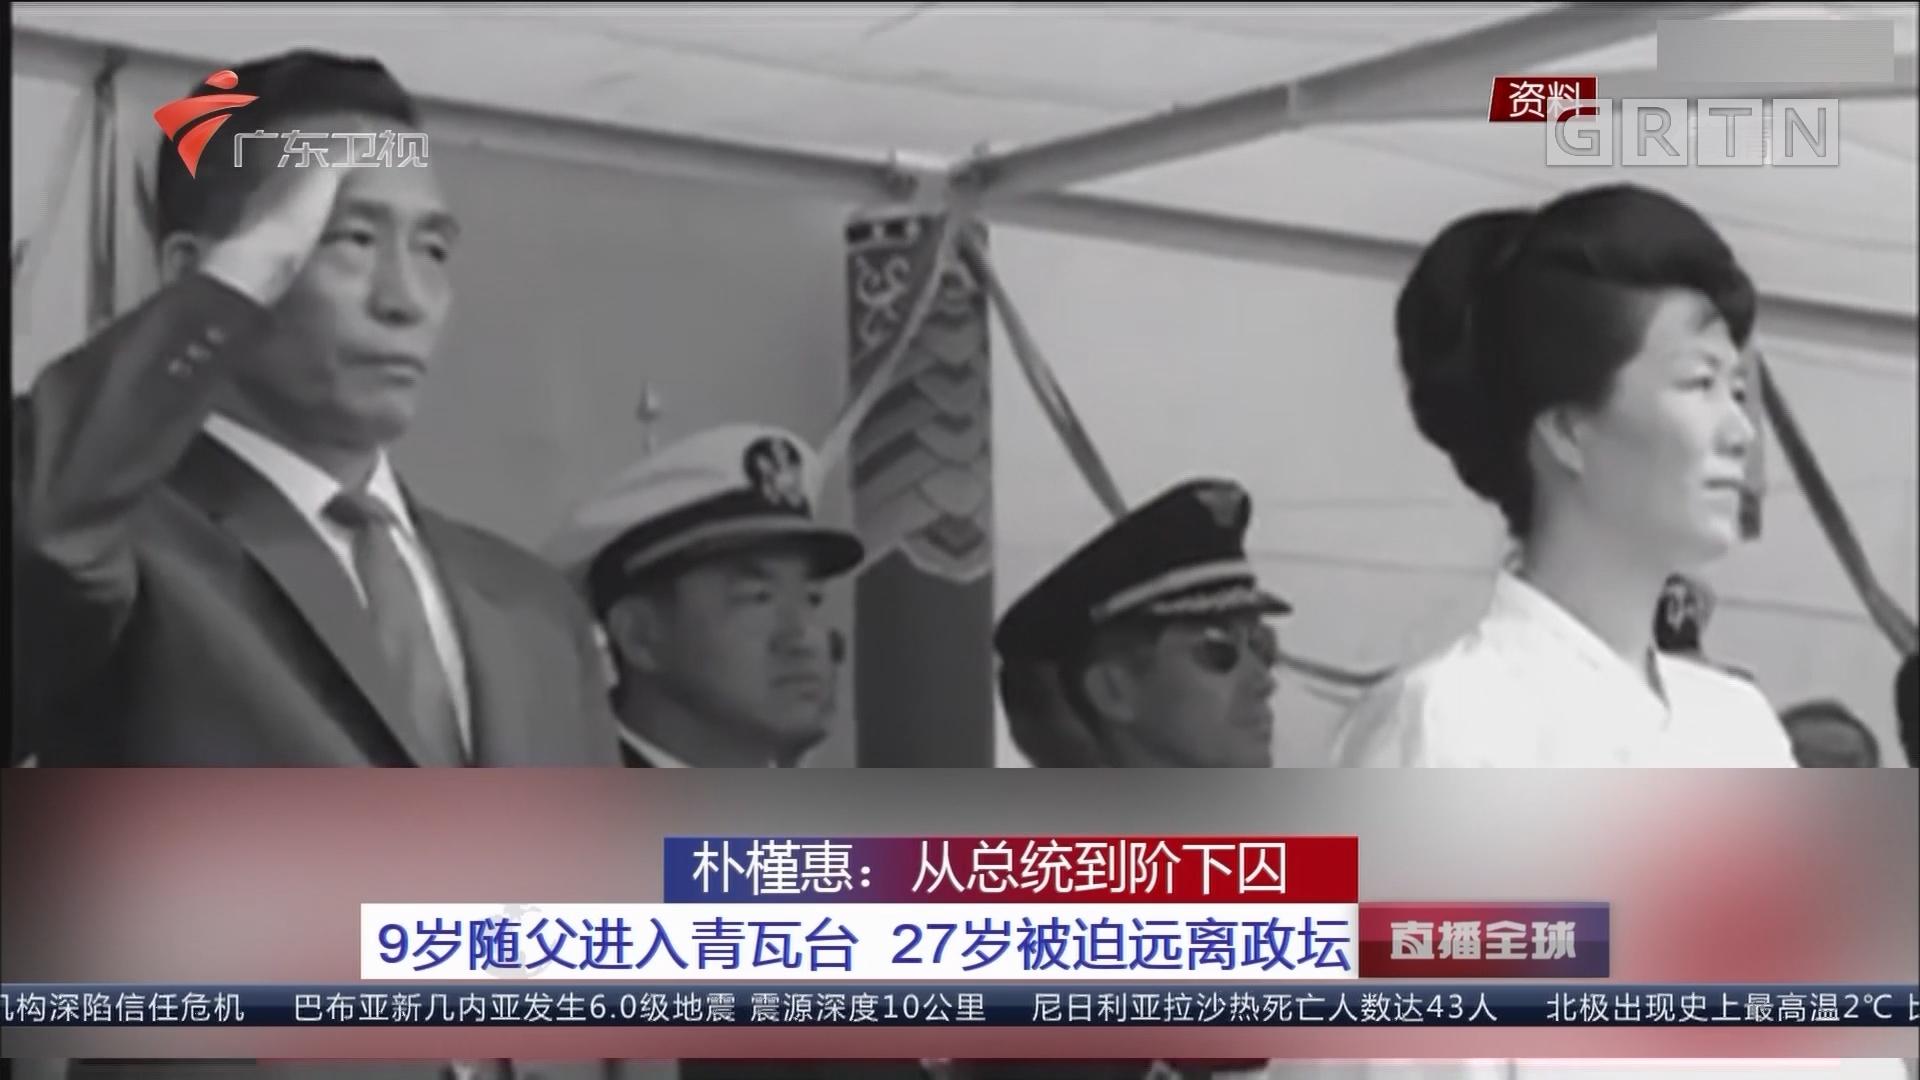 朴槿惠:从总统到阶下囚 9岁随父进入青瓦台 27岁被迫远离政坛